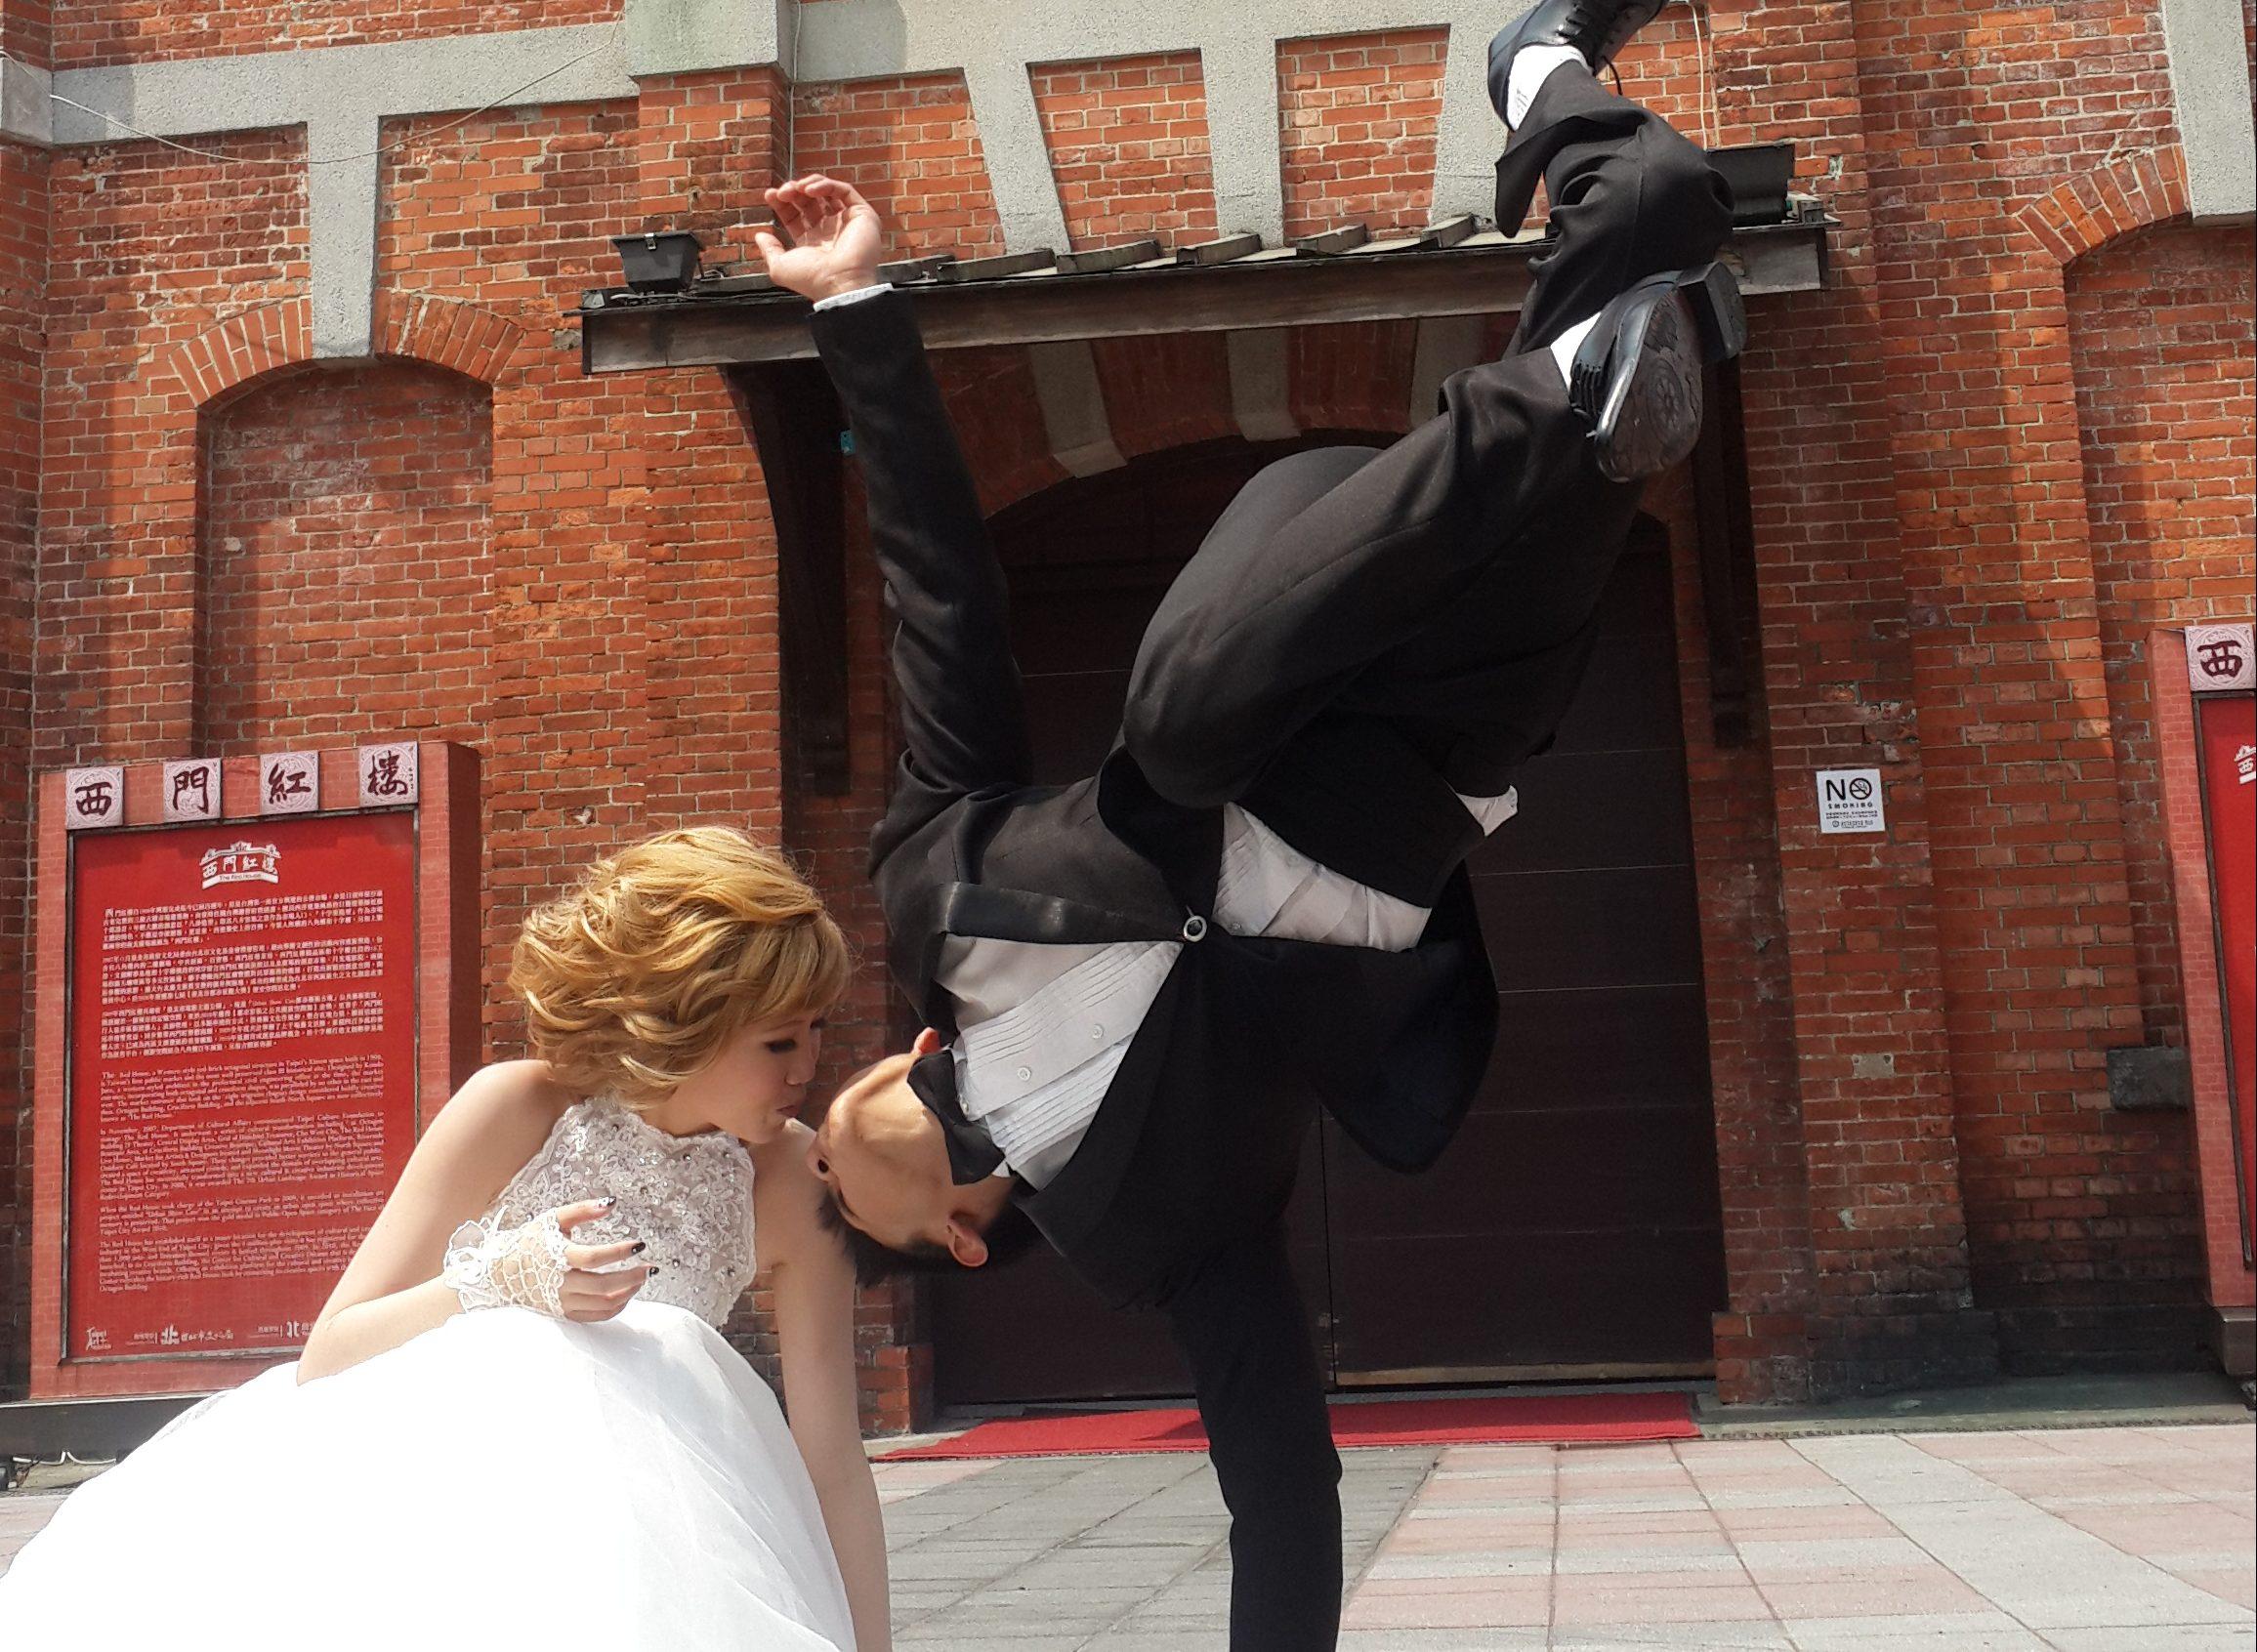 挑戰 婚紗照姿勢【 街舞 婚紗照 】婚紗攝影 側拍,最酷的 外拍 造型設計: 孫千越 (更新 2019/07/31)